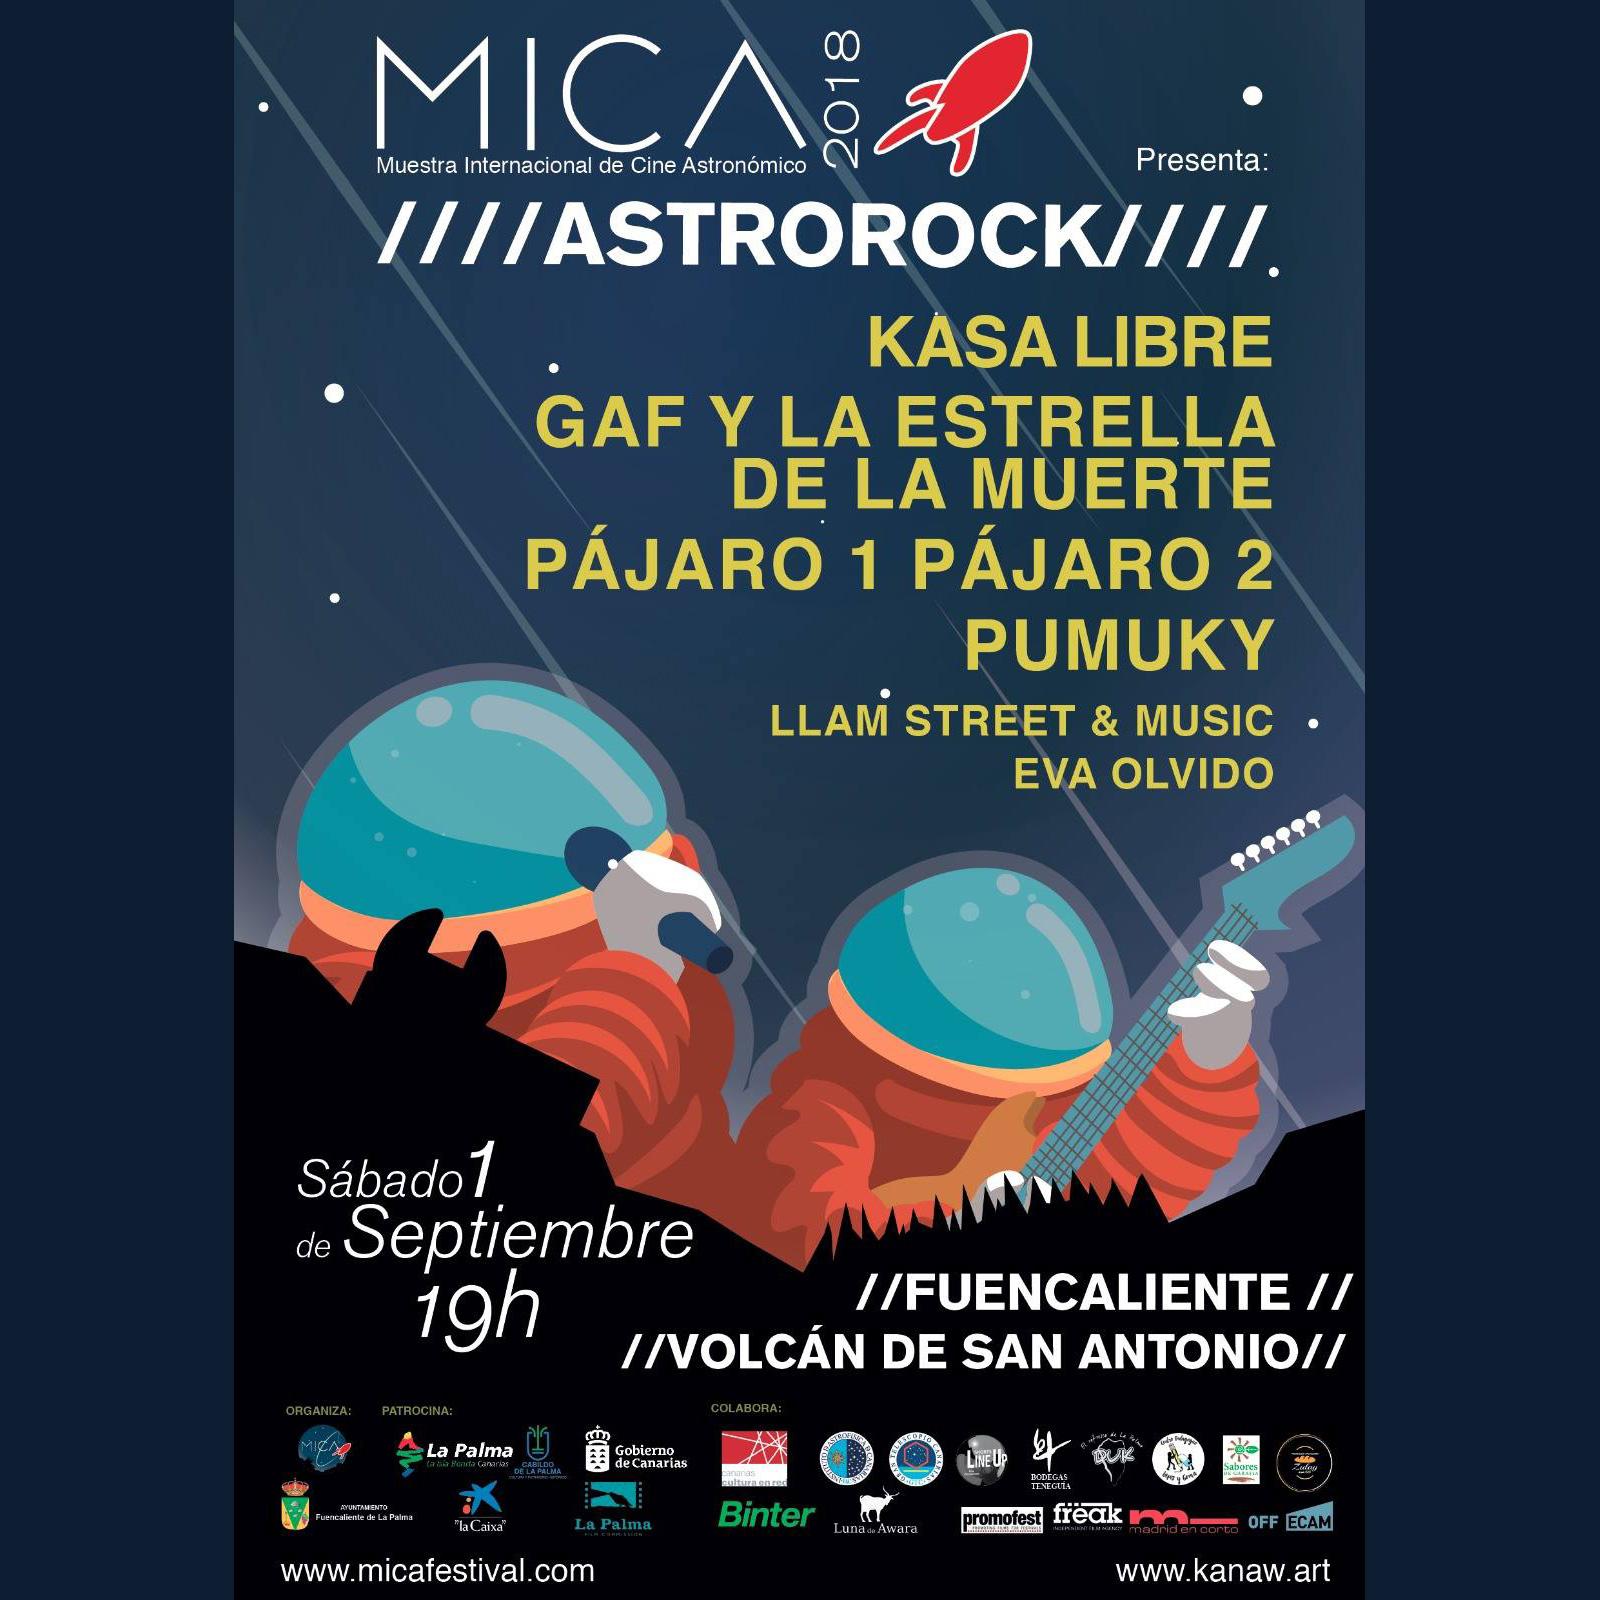 Cartel Astrorock 18